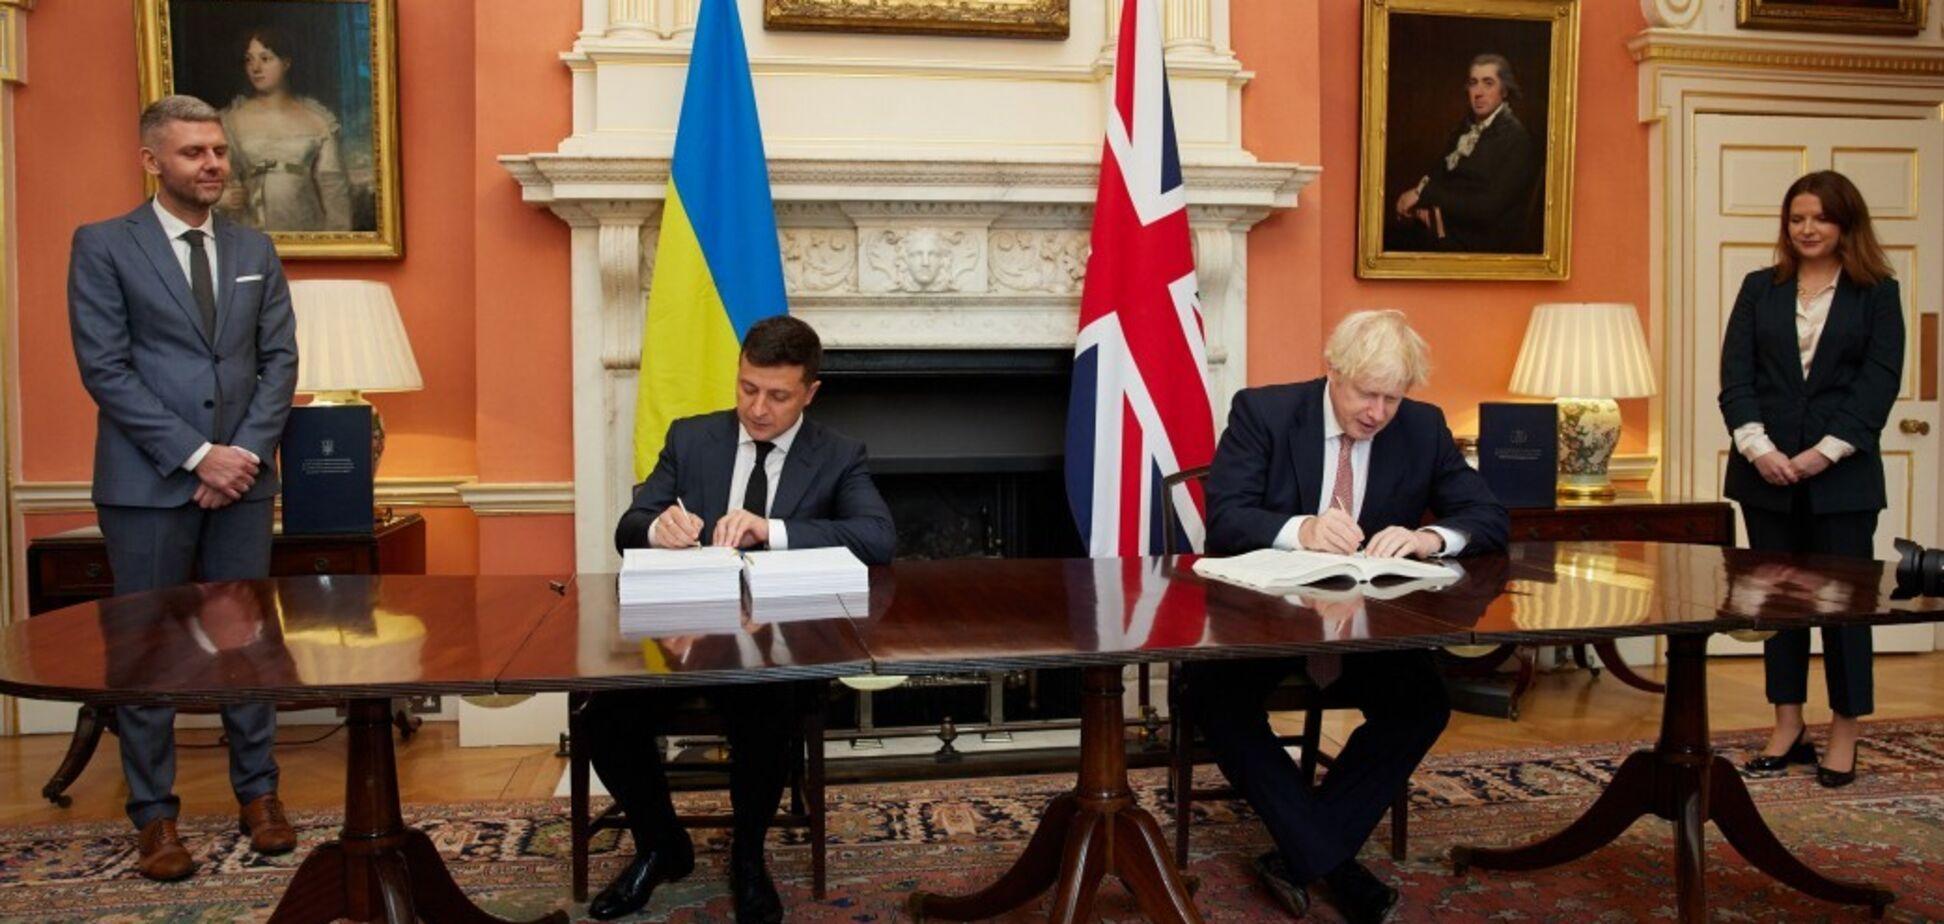 Зеленський попросив Джонсона посилити тиск на Росію та збільшити присутність НАТО